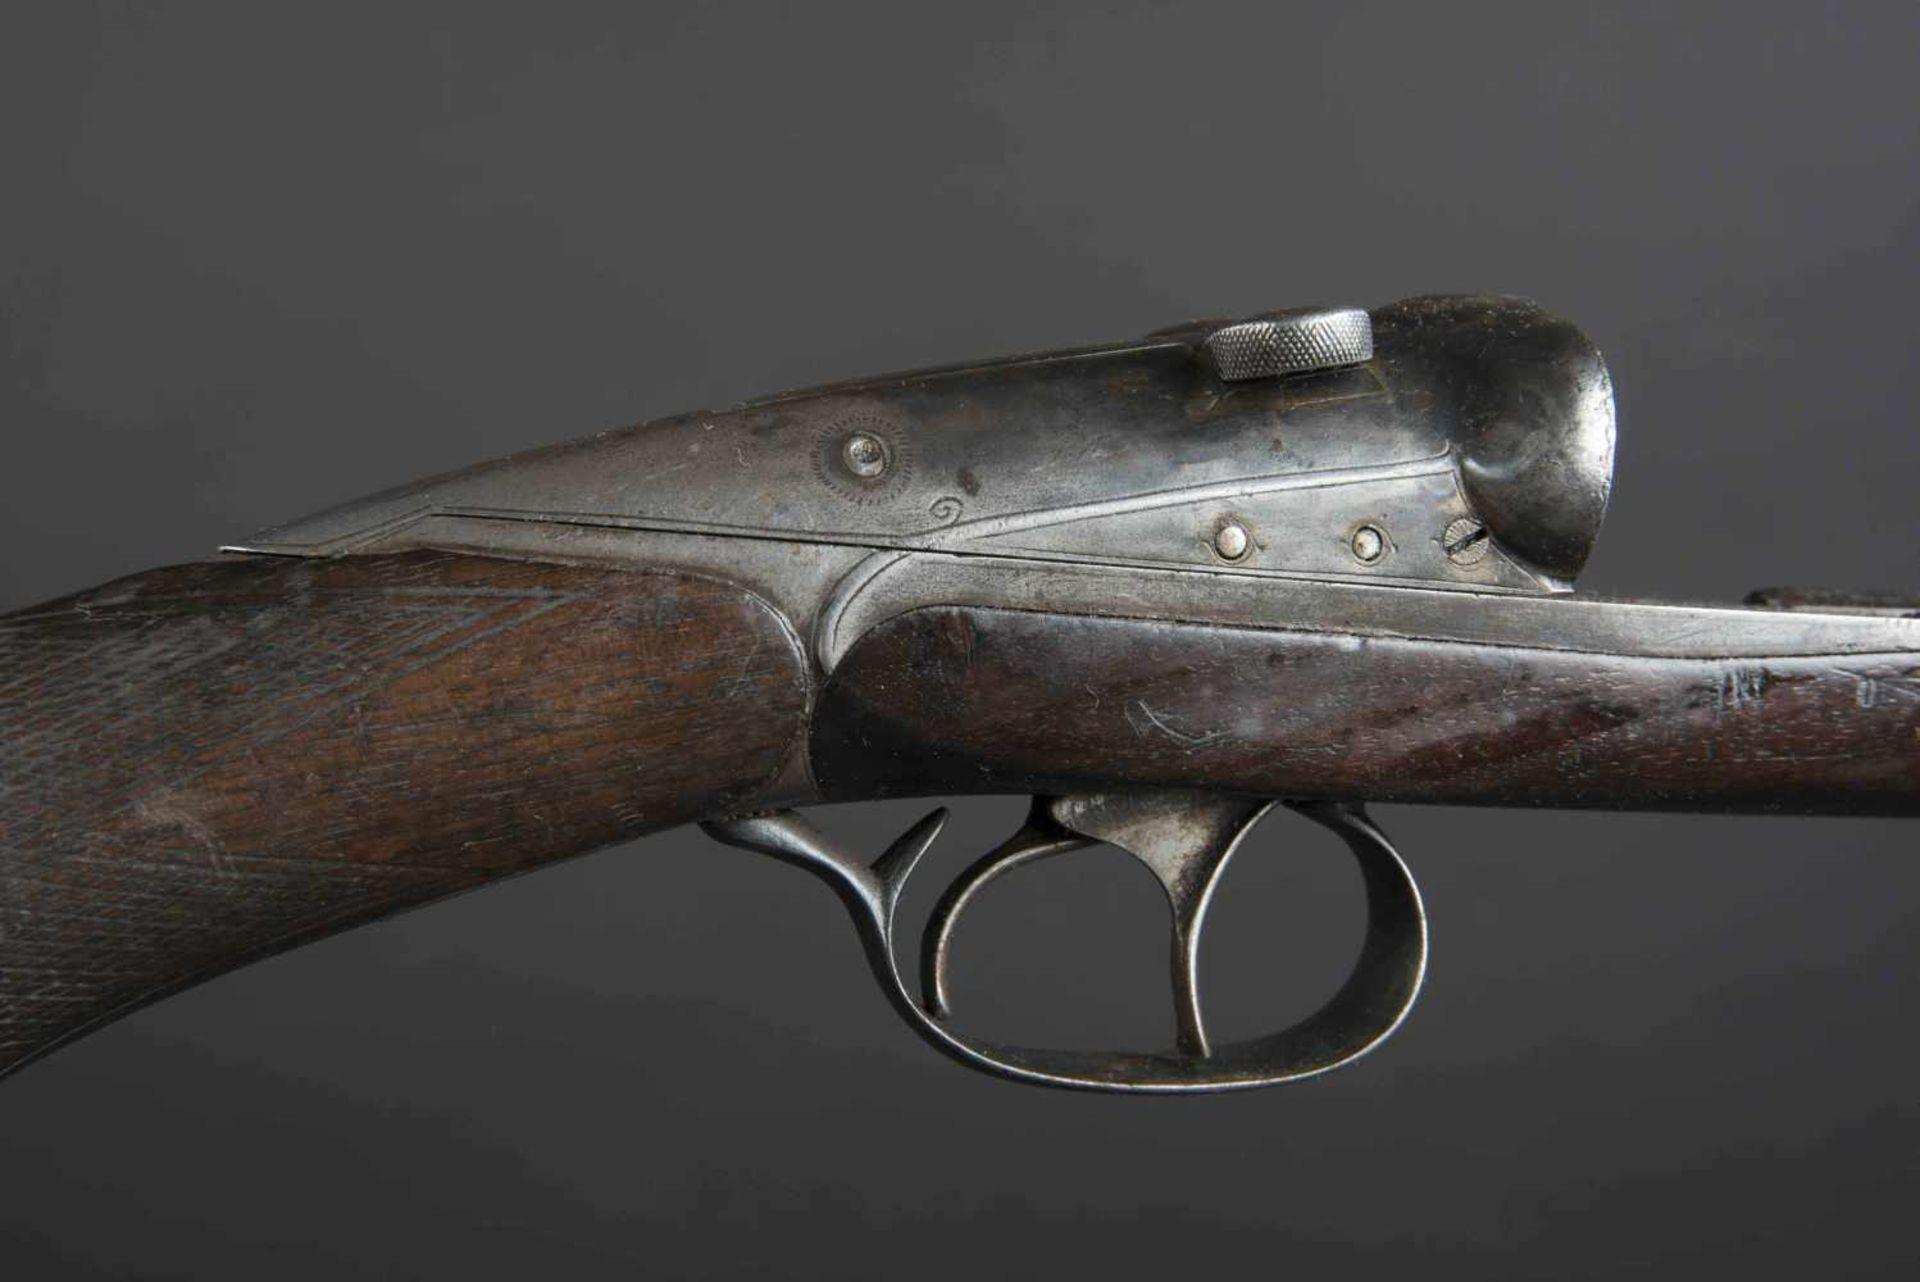 Fusil de chasse Darne Catégorie C Darne type 10, plaque de couche en caoutchouc, numéro E 187. - Bild 2 aus 3